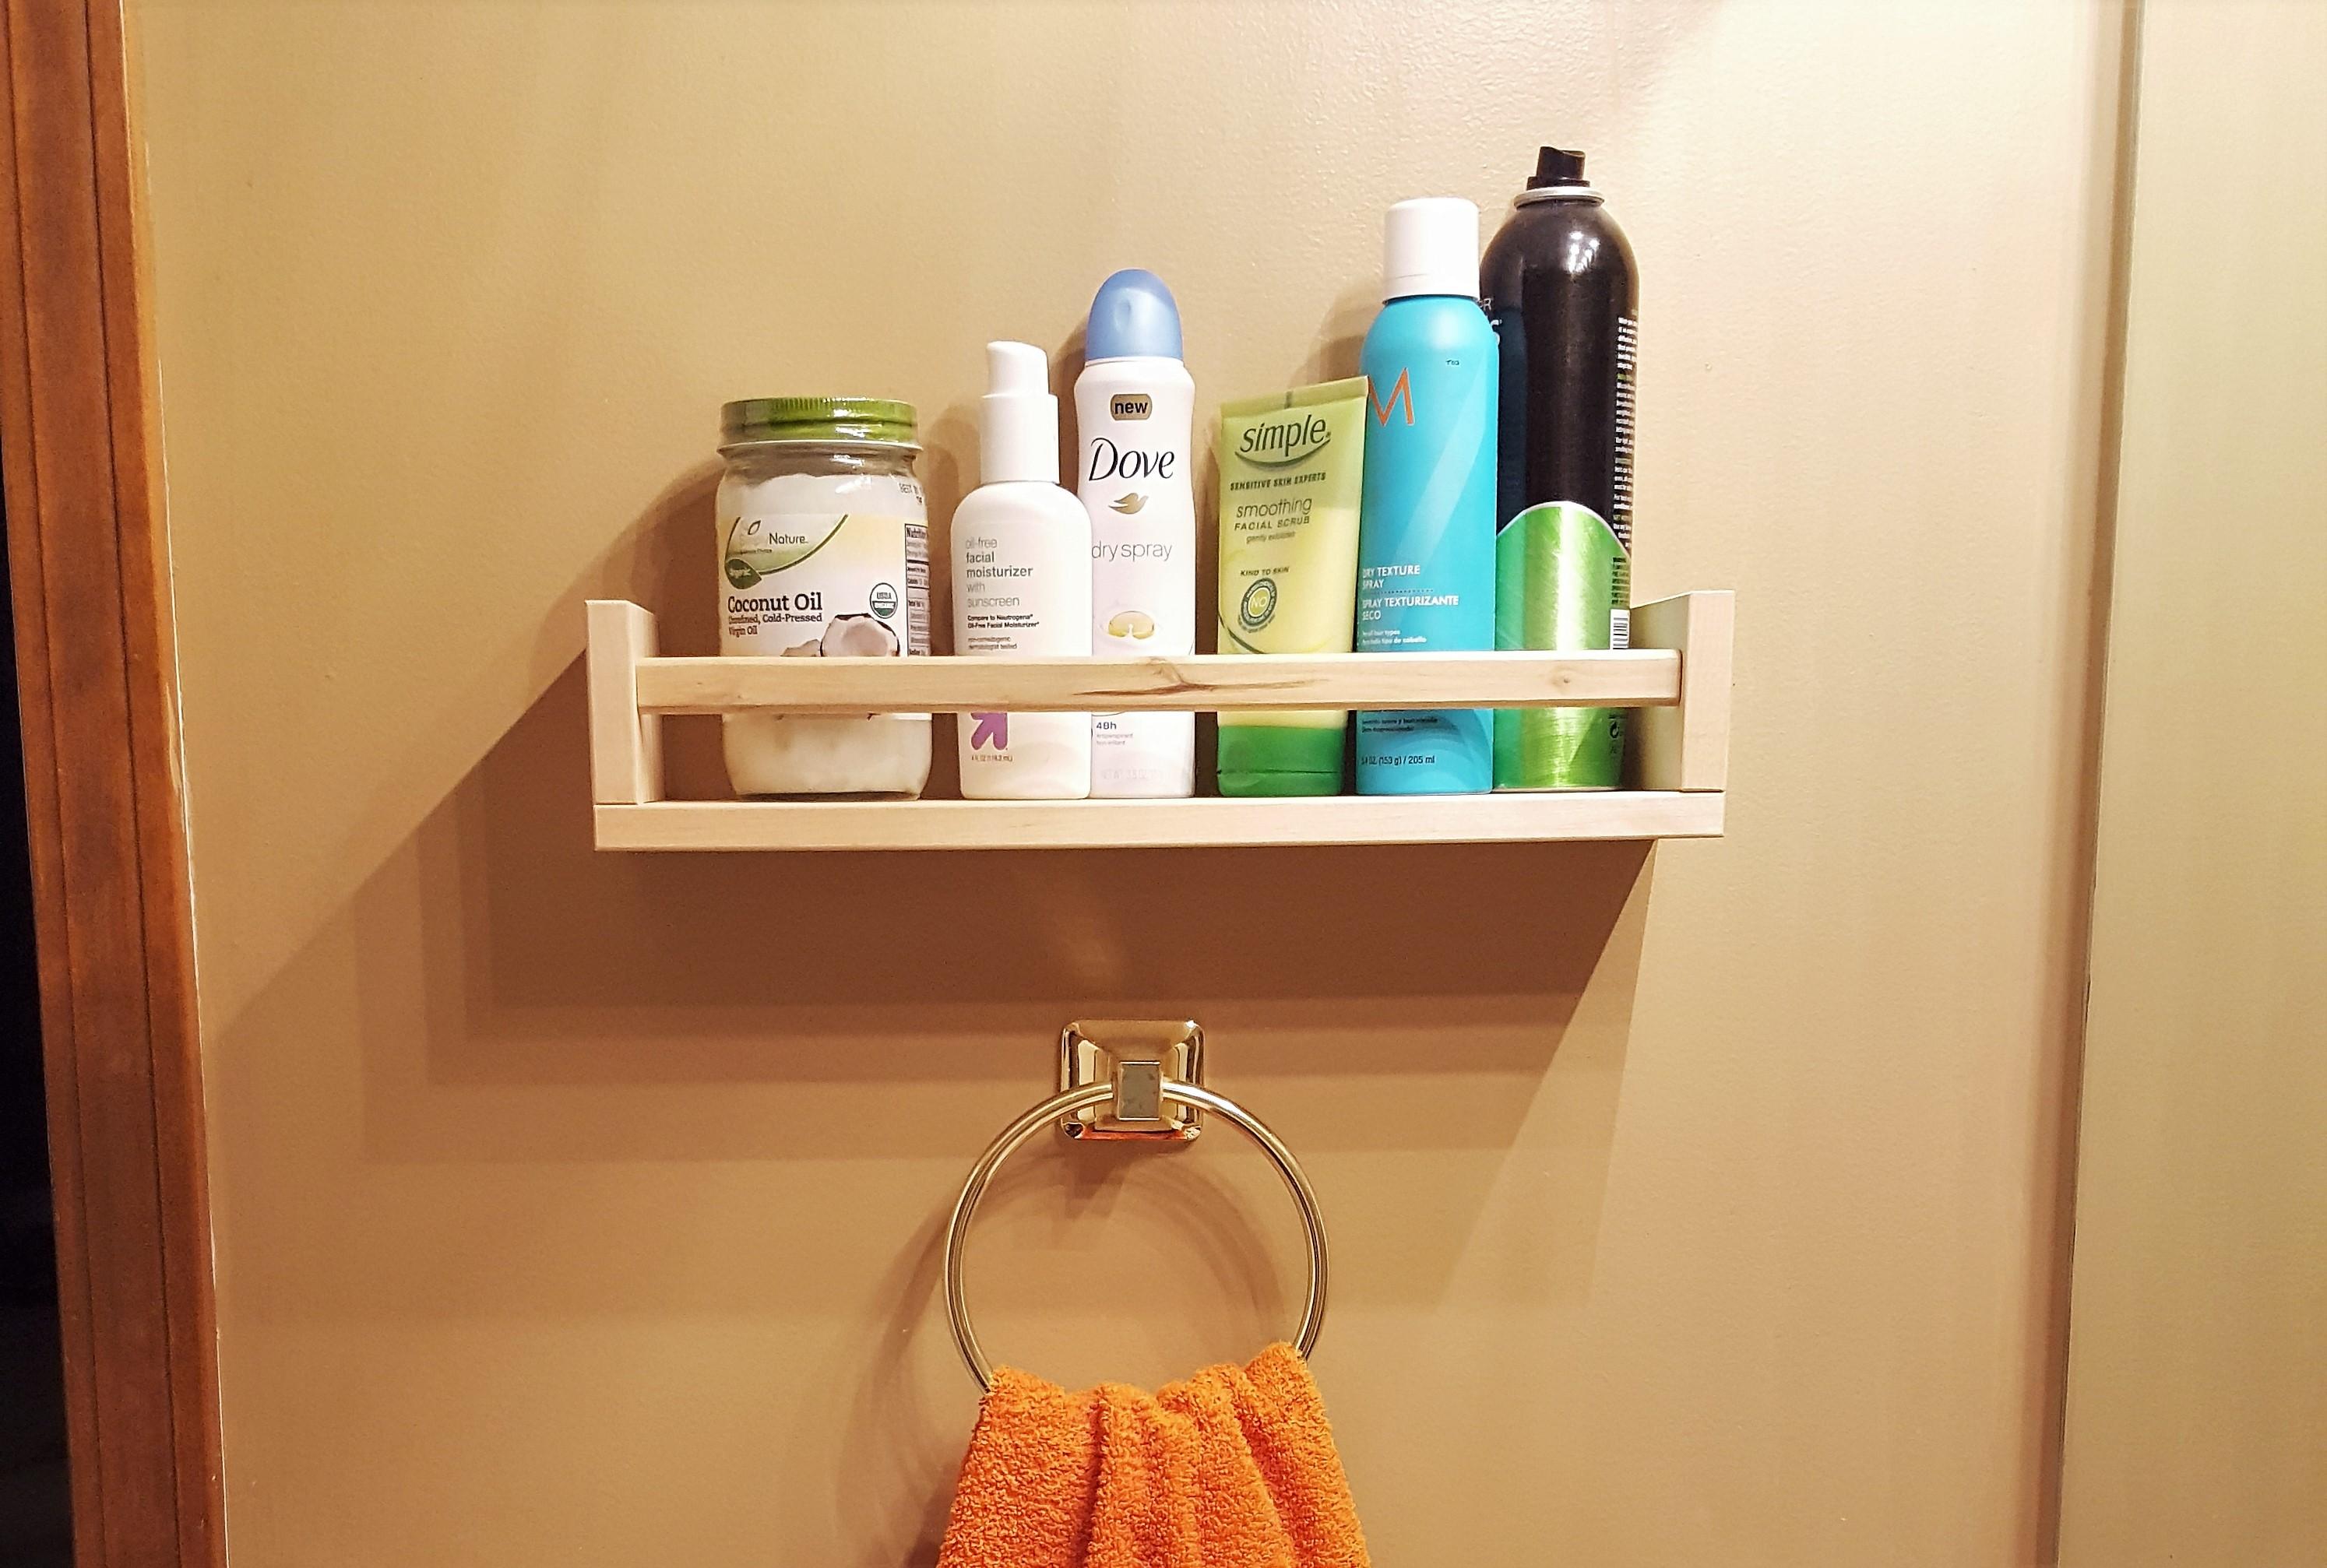 A Small Bathroom Shelf - Ikea Spice Rack Hack - Loving Here